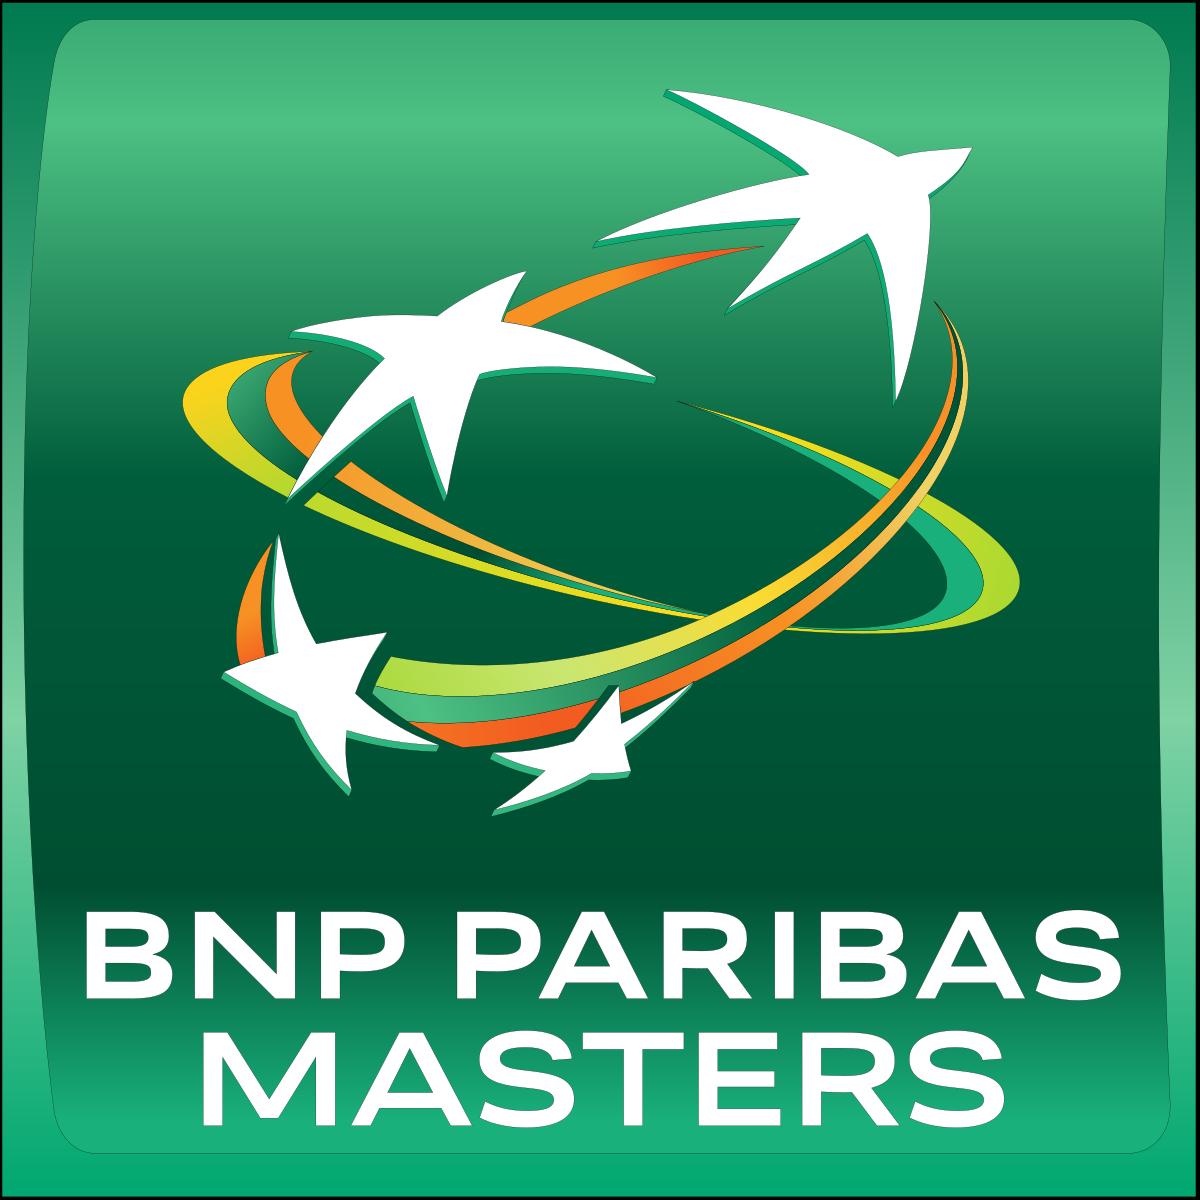 Paris - BNP Paribas Masters